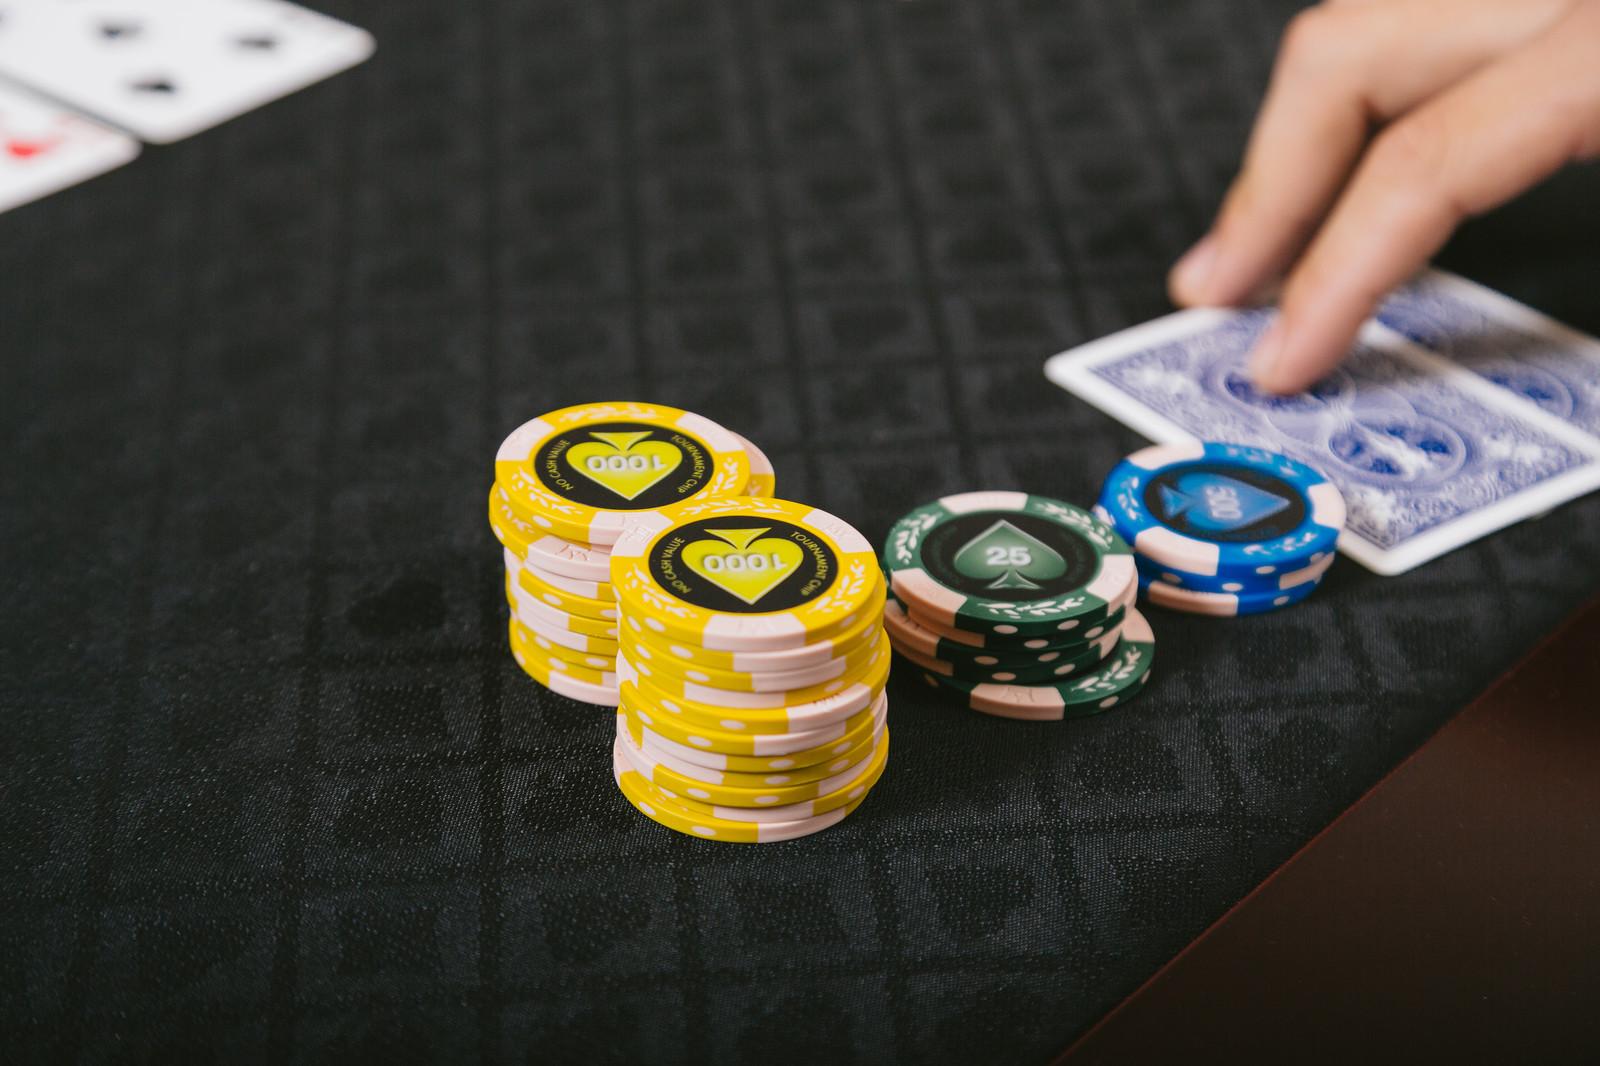 パチンコ業界に終焉を告げるカジノ法案改正?入場料金が希望!